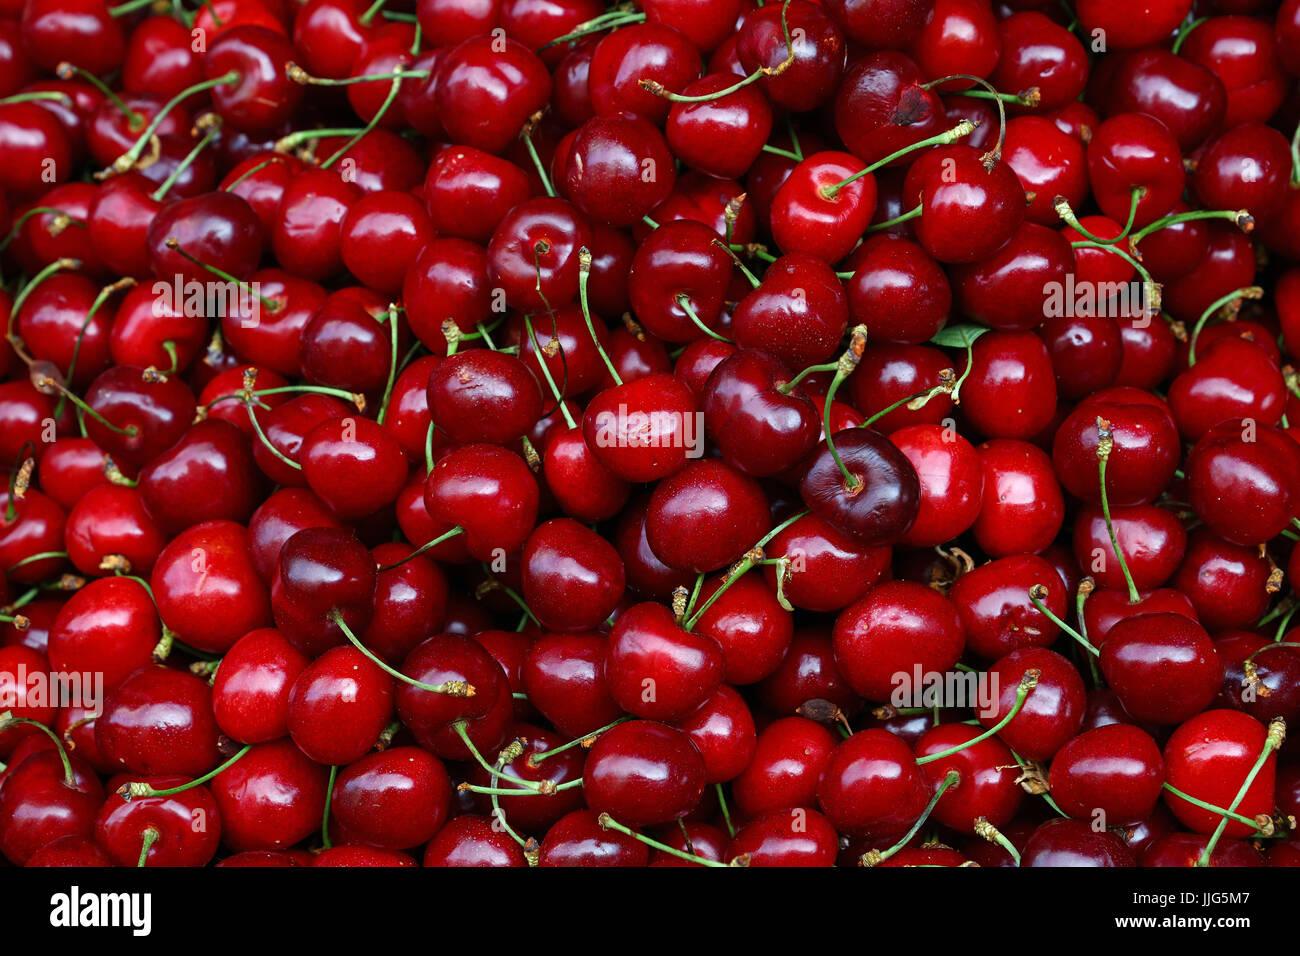 Haufen von frische rote Reife süße schwarze Kirsche Beeren auf dem Retail-Markt Stall Display, Nahaufnahme, Stockbild